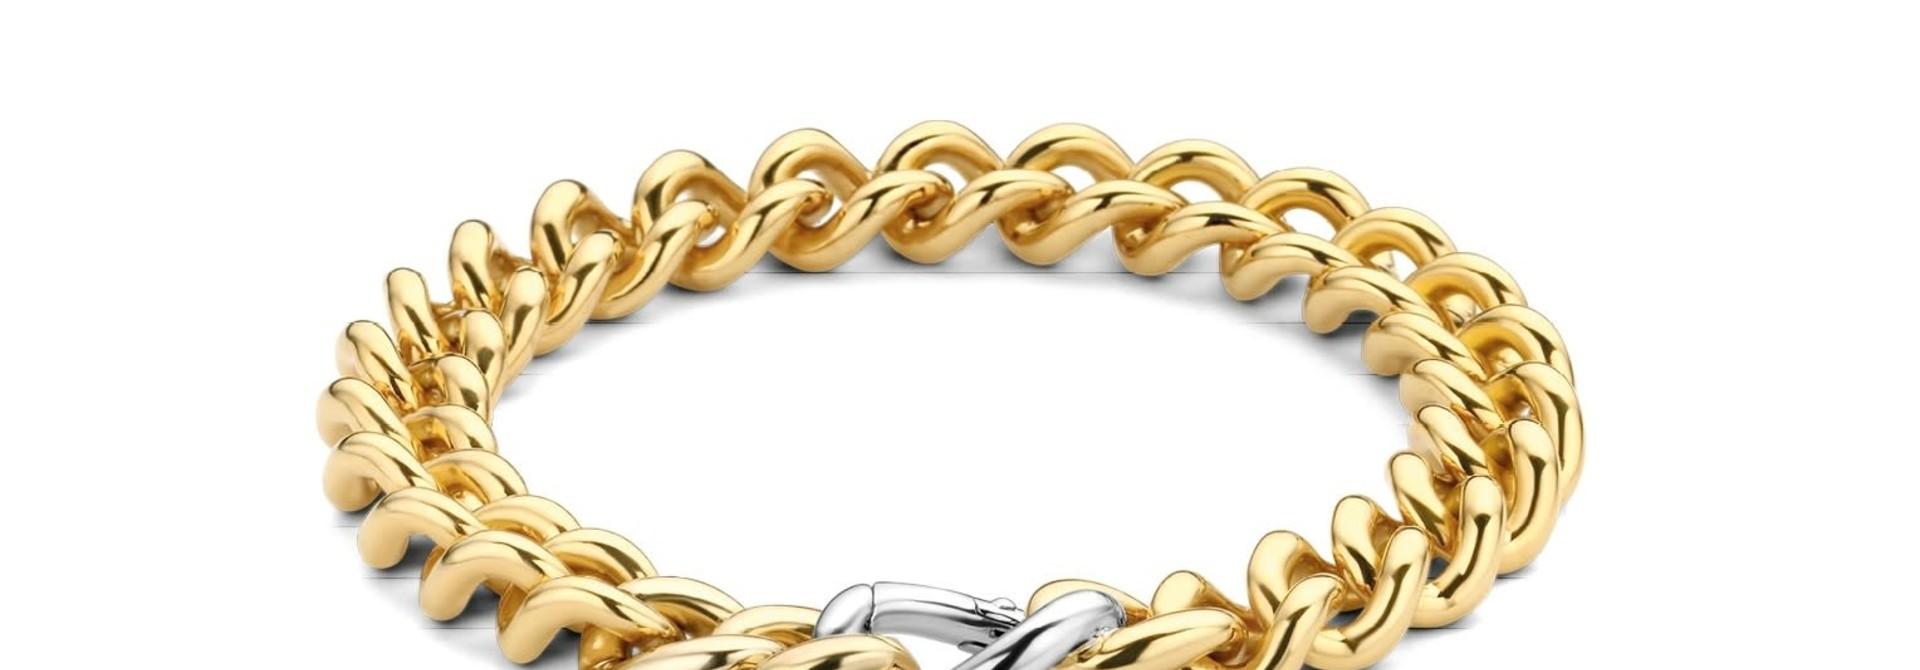 TI SENTO - Milano Bracelet 2935SY